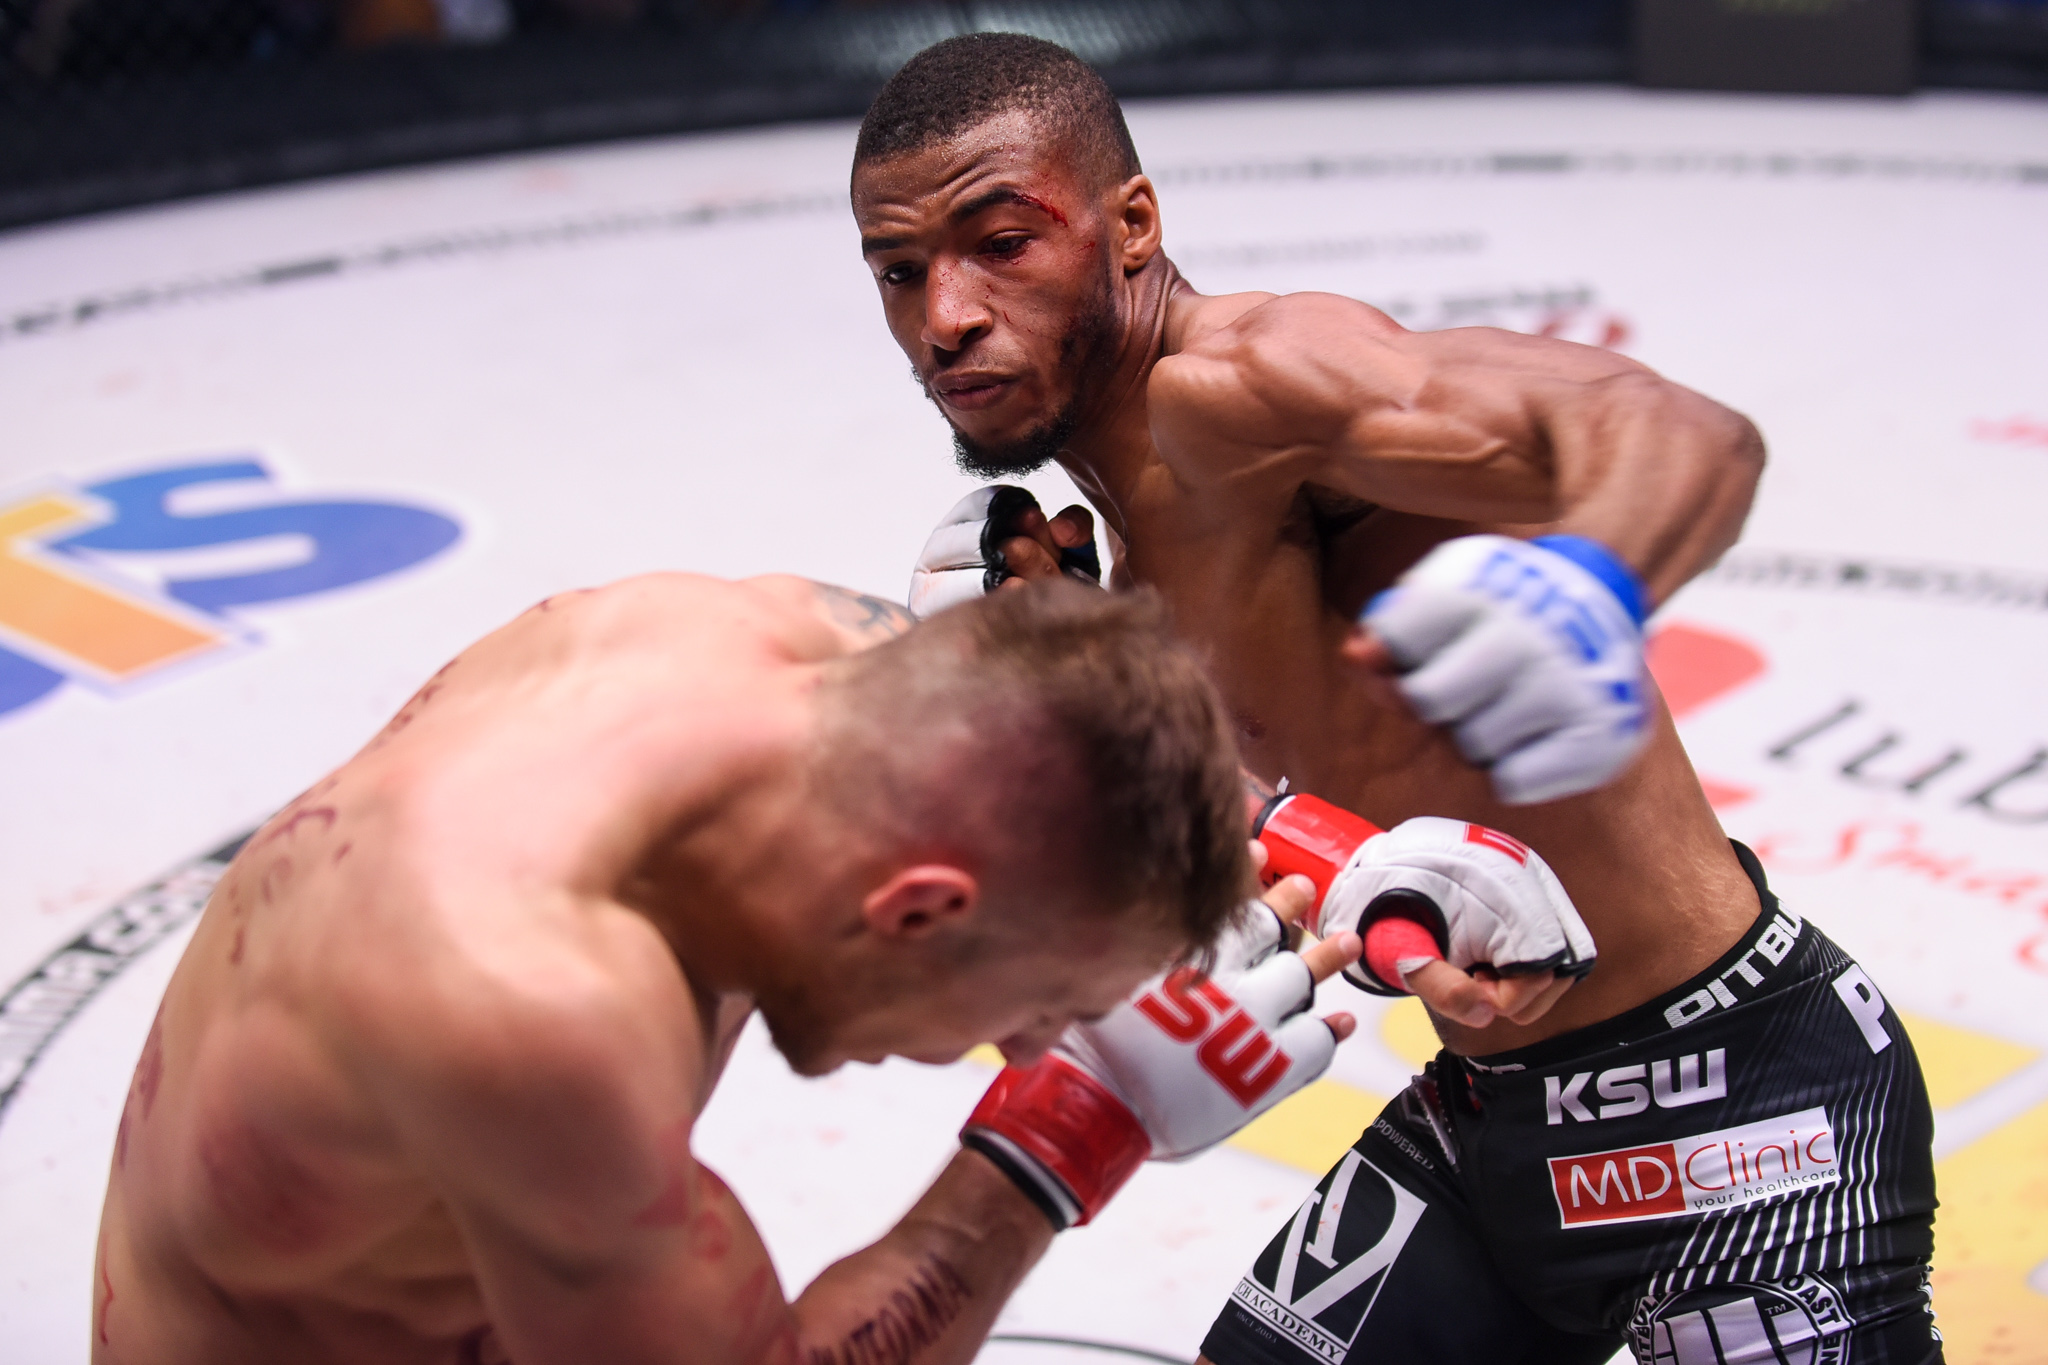 Ivan Buchinger challenges Salahdine Parnasse at KSW 52 - Mixed Martial Arts